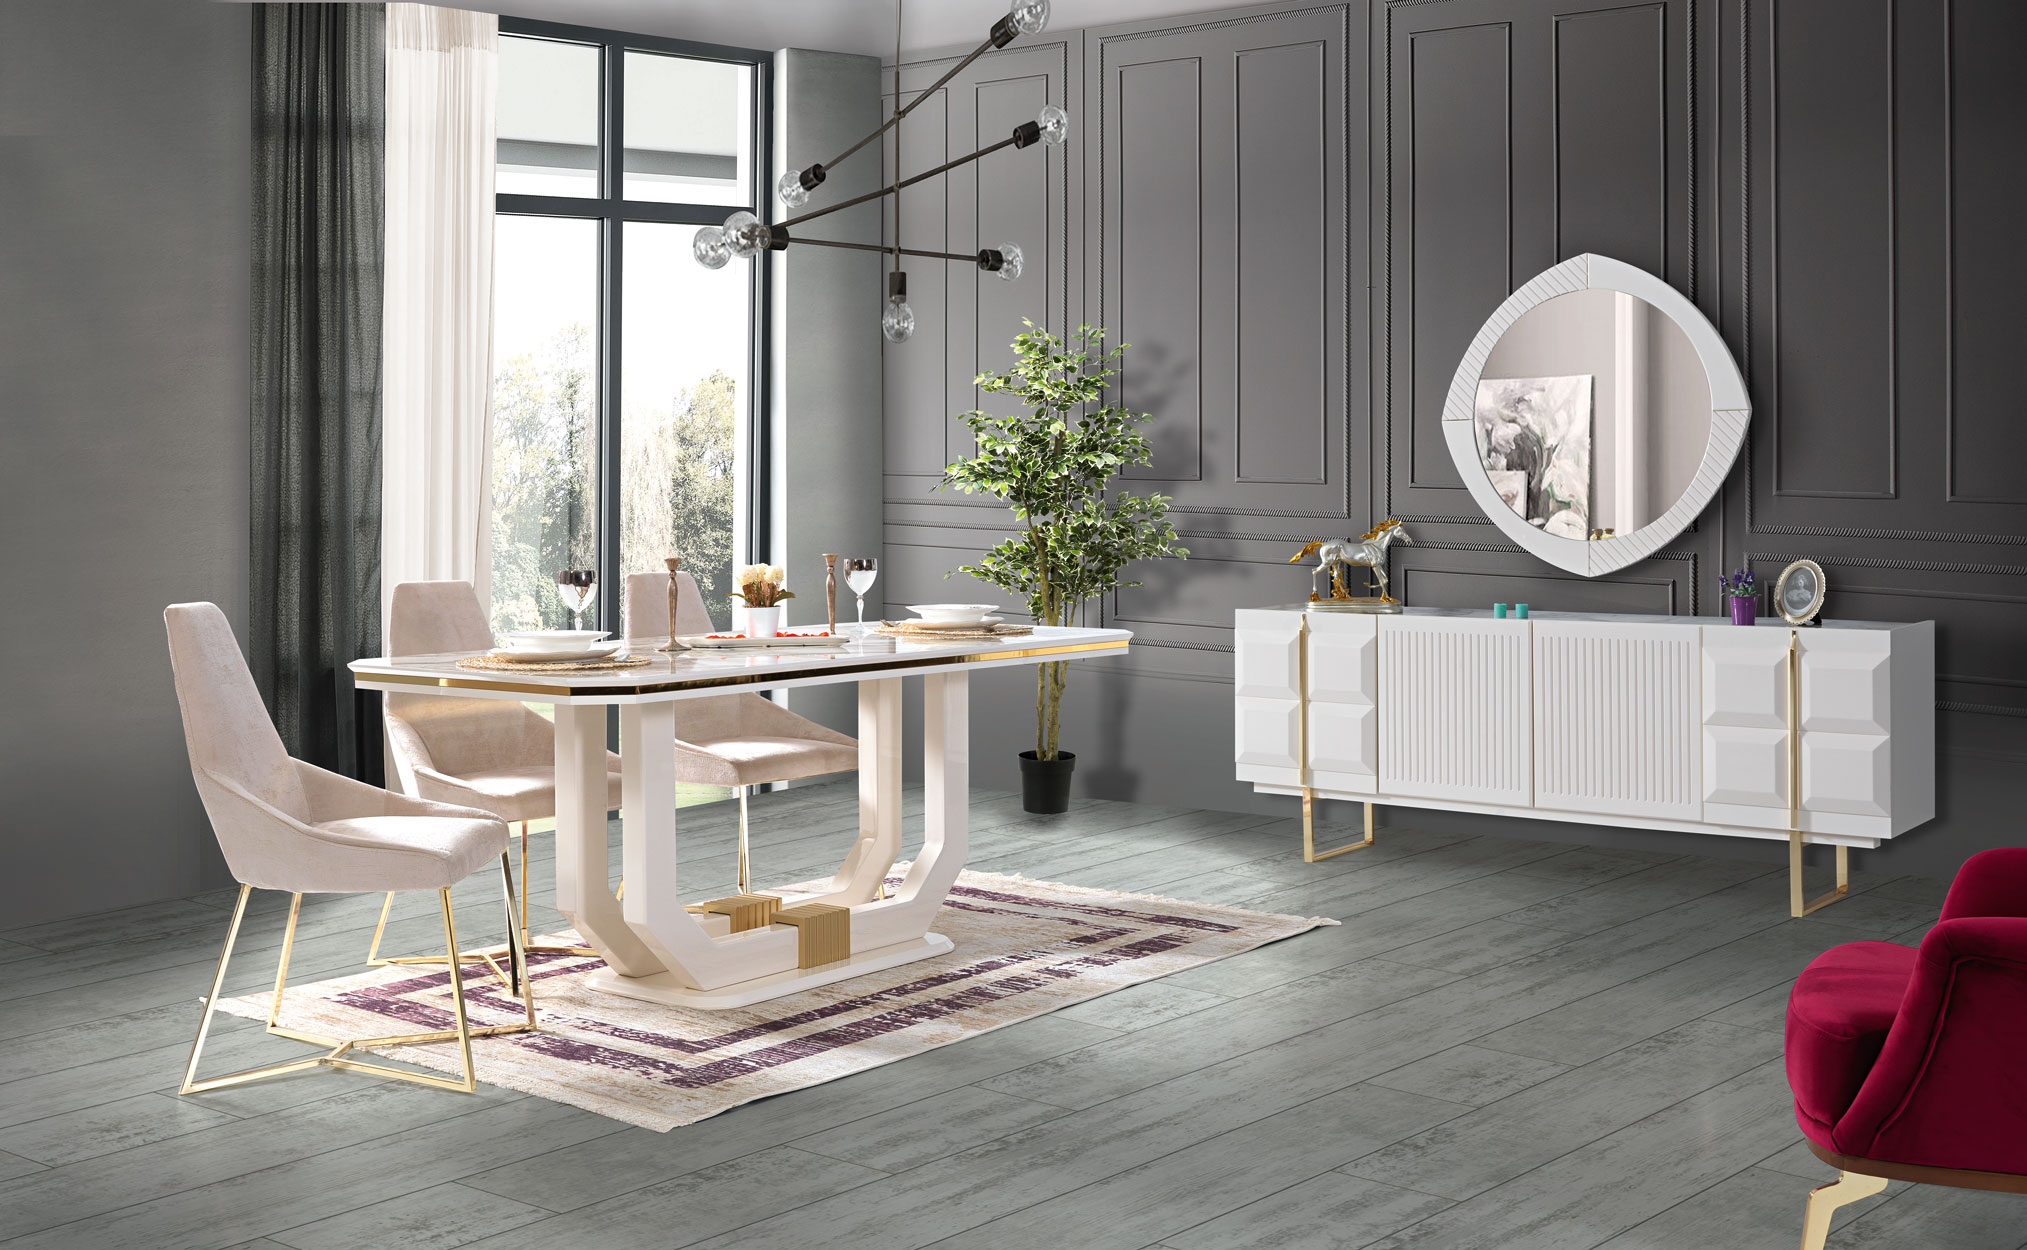 Lidya Esszimmer komplett Pianno mit 4 Stühlen in Weiß